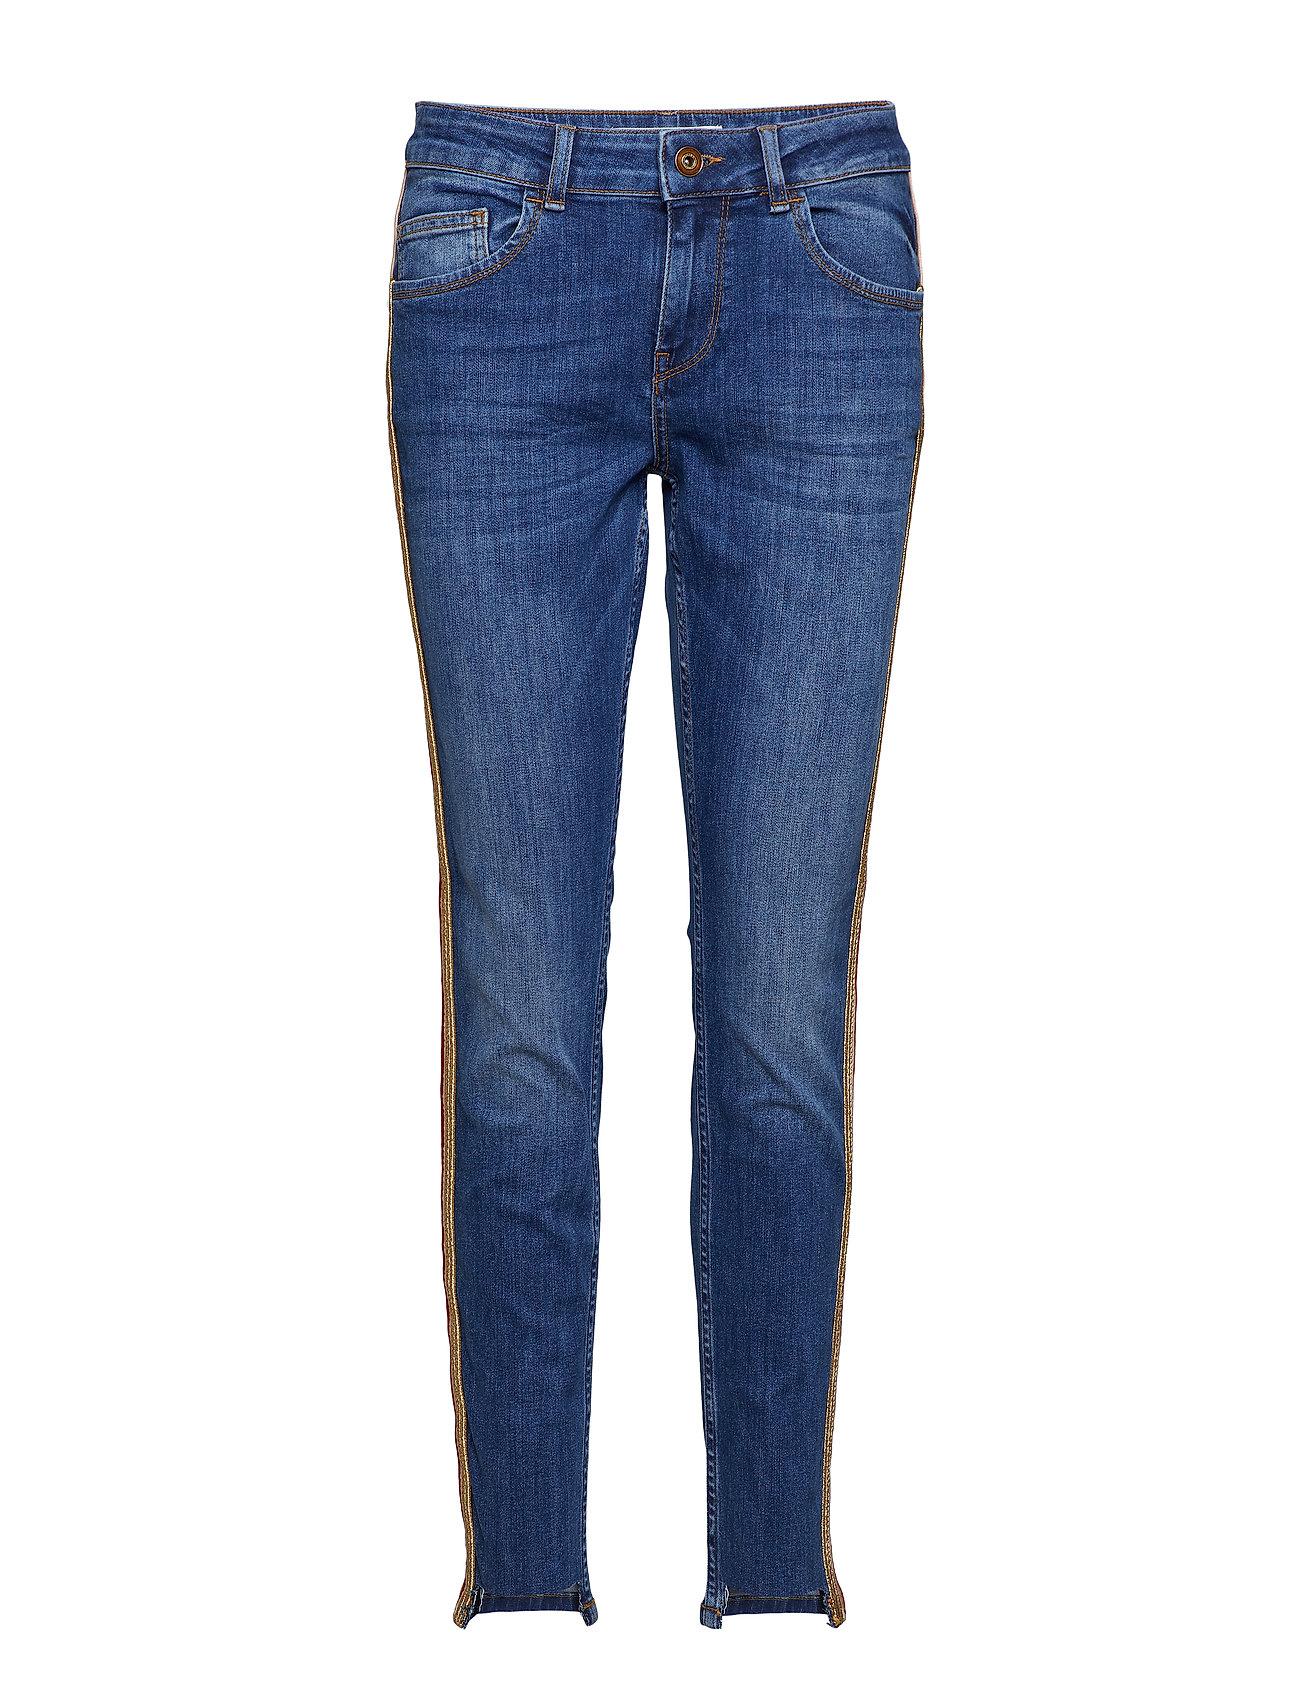 MOS MOSH Bradford Blue Carell Jeans - BLUE DENIM